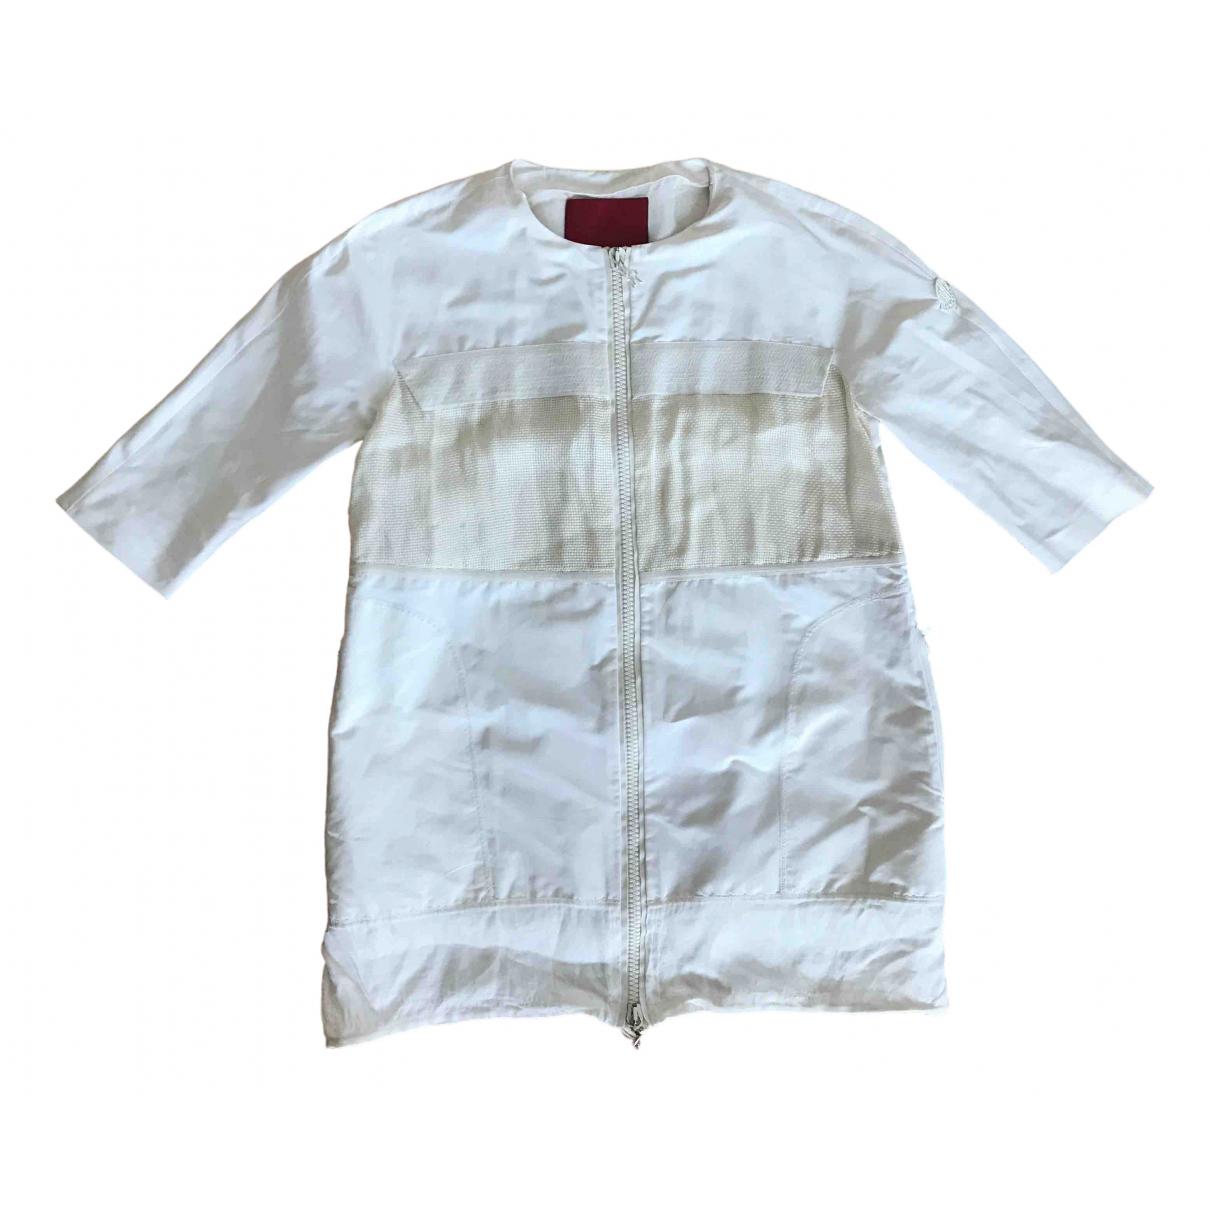 Moncler - Manteau Gamme Rouge pour femme - beige